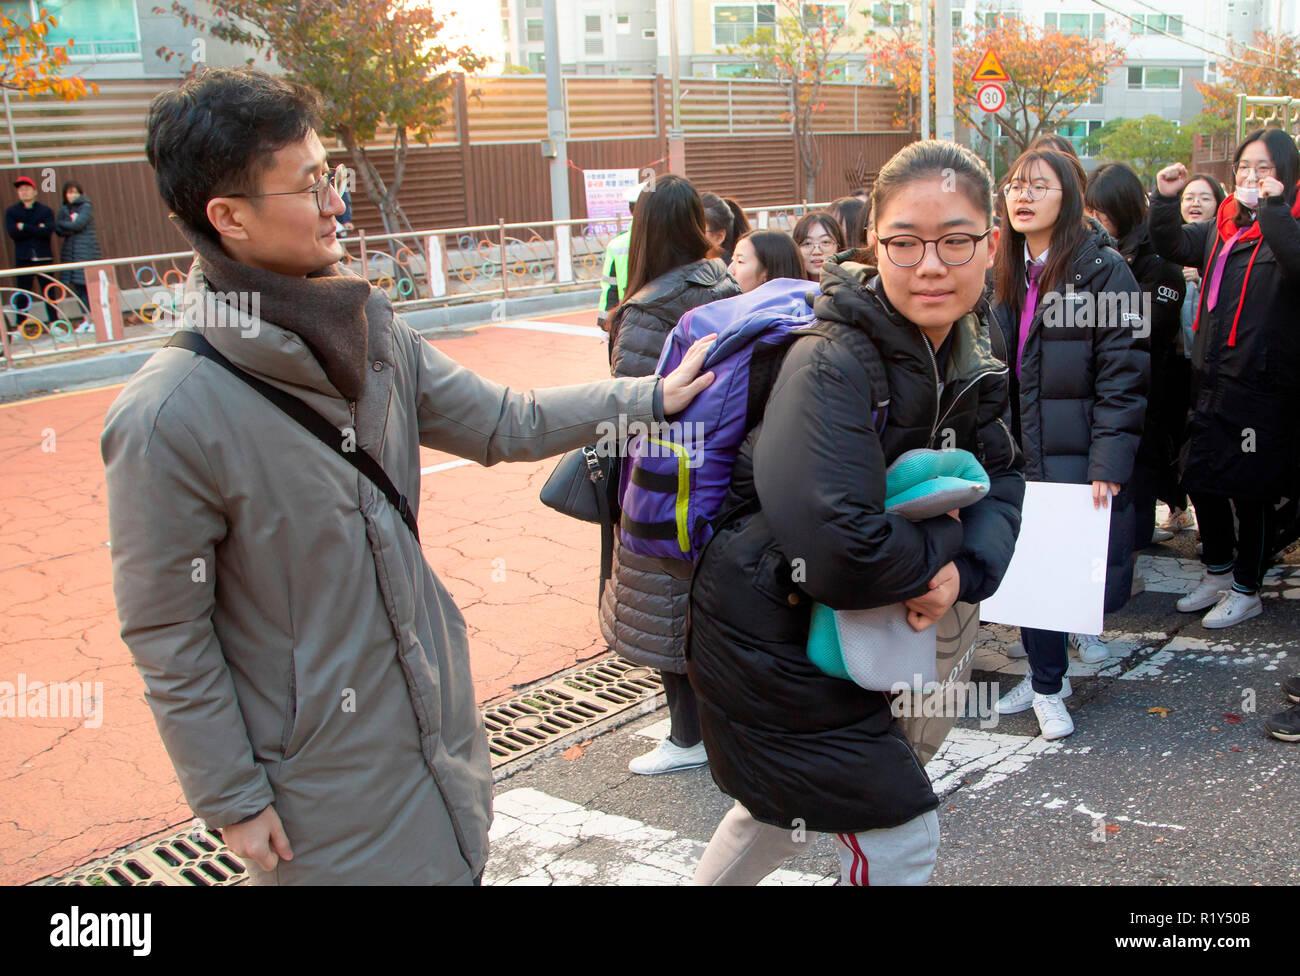 Busan, Séoul, Corée du Sud. 15 Nov 2018. Un enseignant (L) encourage un senior high school student arrivant en face d'une salle d'examen de l'examen d'entrée à l'université nationale de Pusan, environ 420 km (261 milles) au sud-est de Séoul, Corée du Sud. La Corée du Sud a tenu l'examen d'entrée à l'université annuelle nationale, le Collège Scholastic Aptitude Test (CSAT) le jeudi et environ 540 000 candidats ont passé l'examen pour cette année. Credit: Lee Jae-Won/AFLO/Alamy Live News Photo Stock